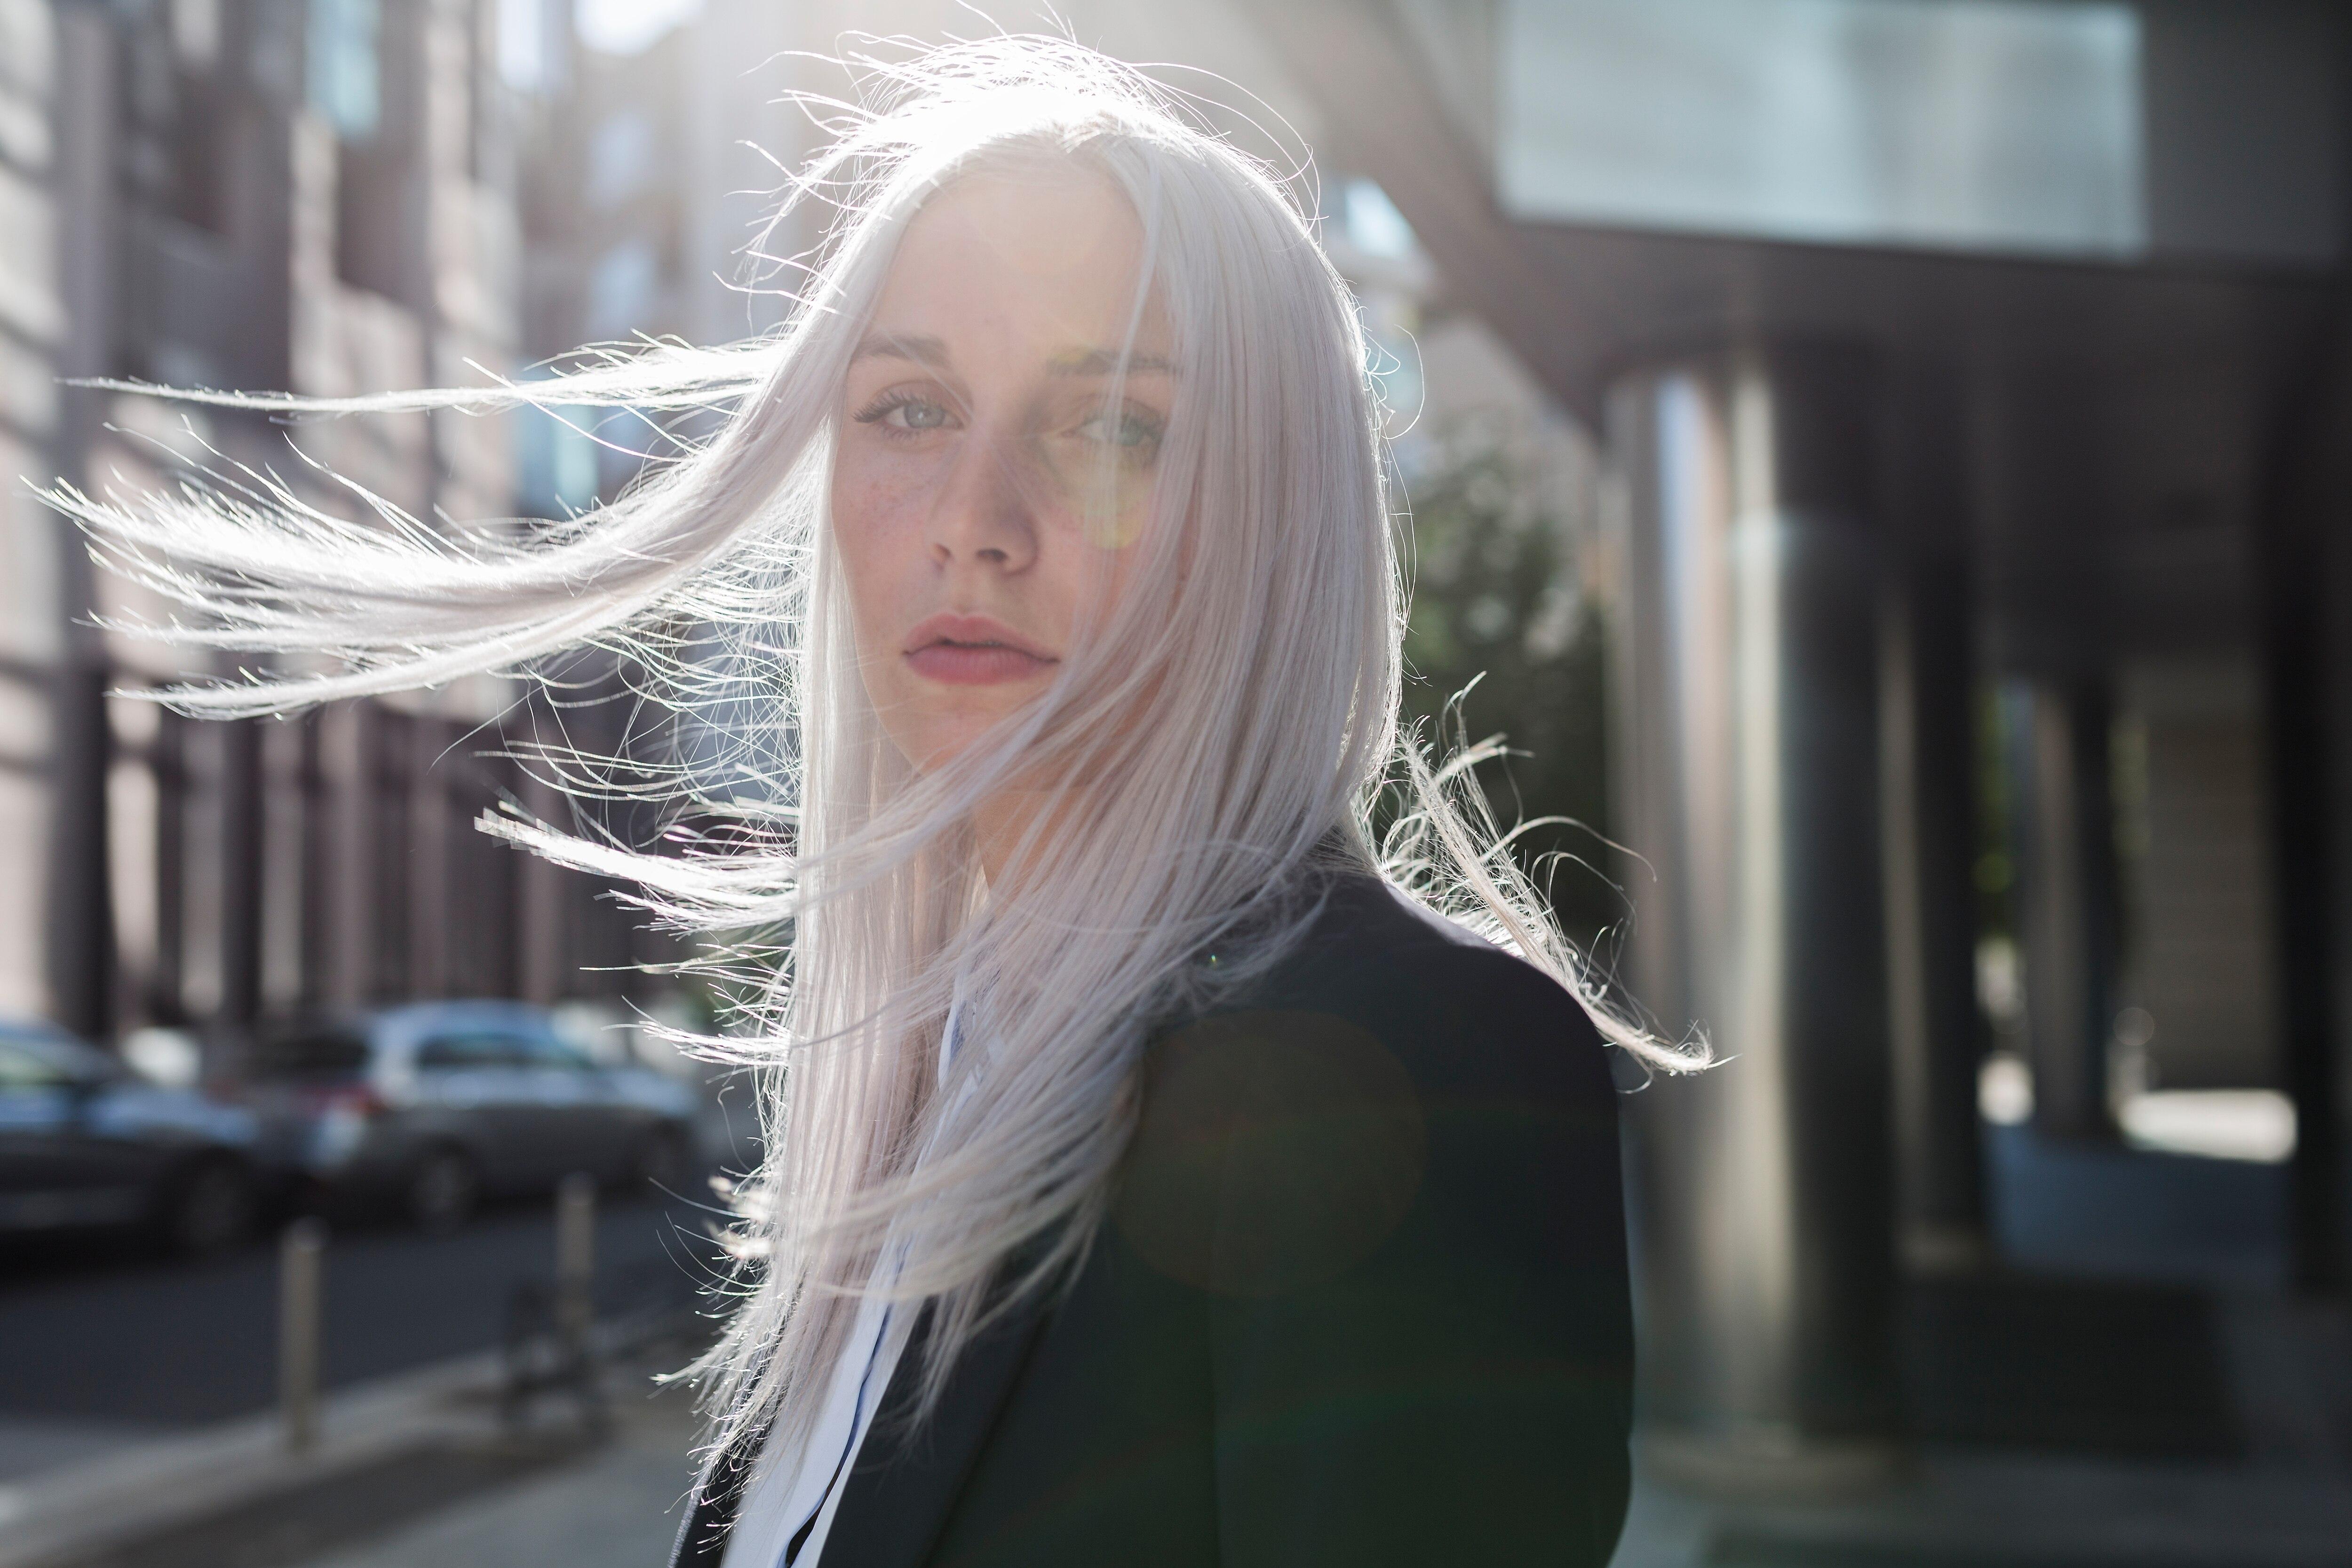 Graue Haare mit 30! Wie sie entstehen und wie man sie am besten pflegt